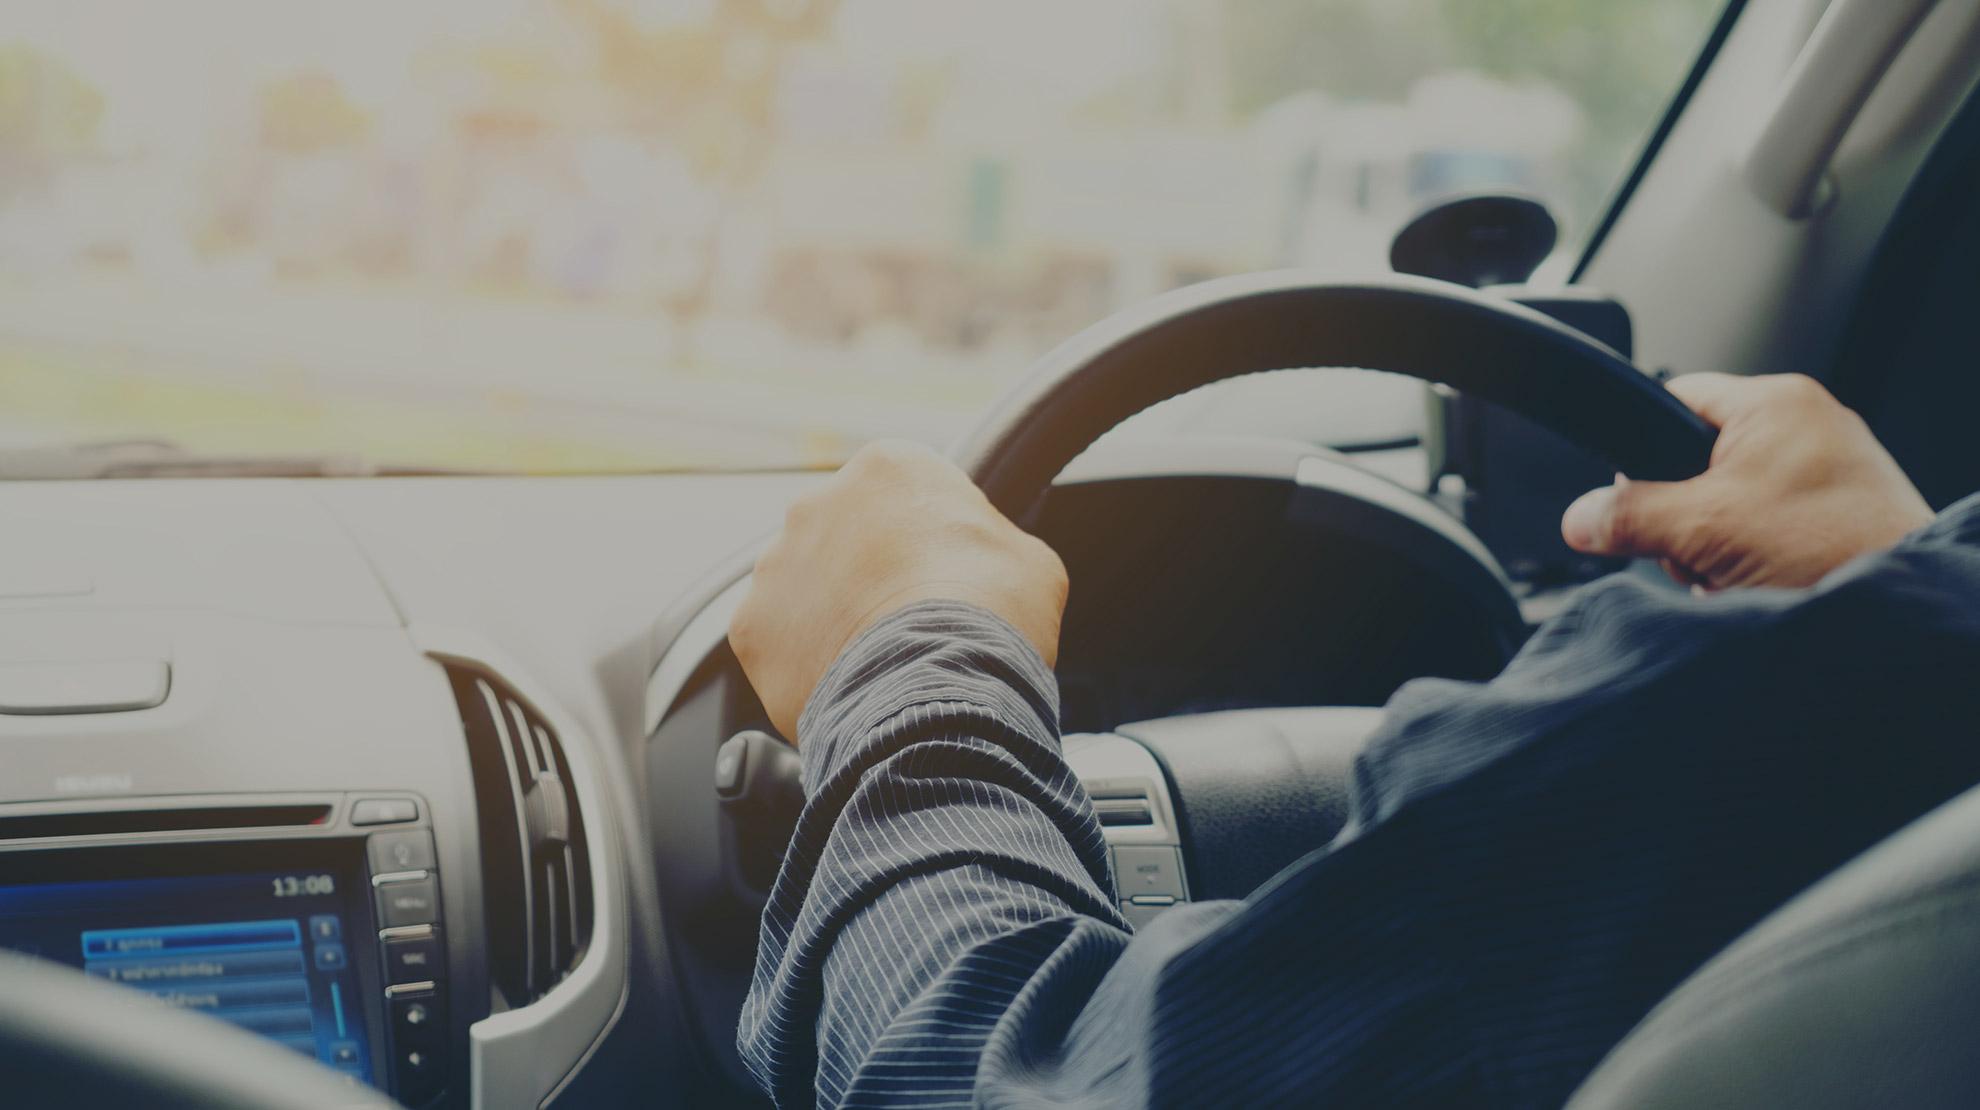 Driving Lesson in Progress